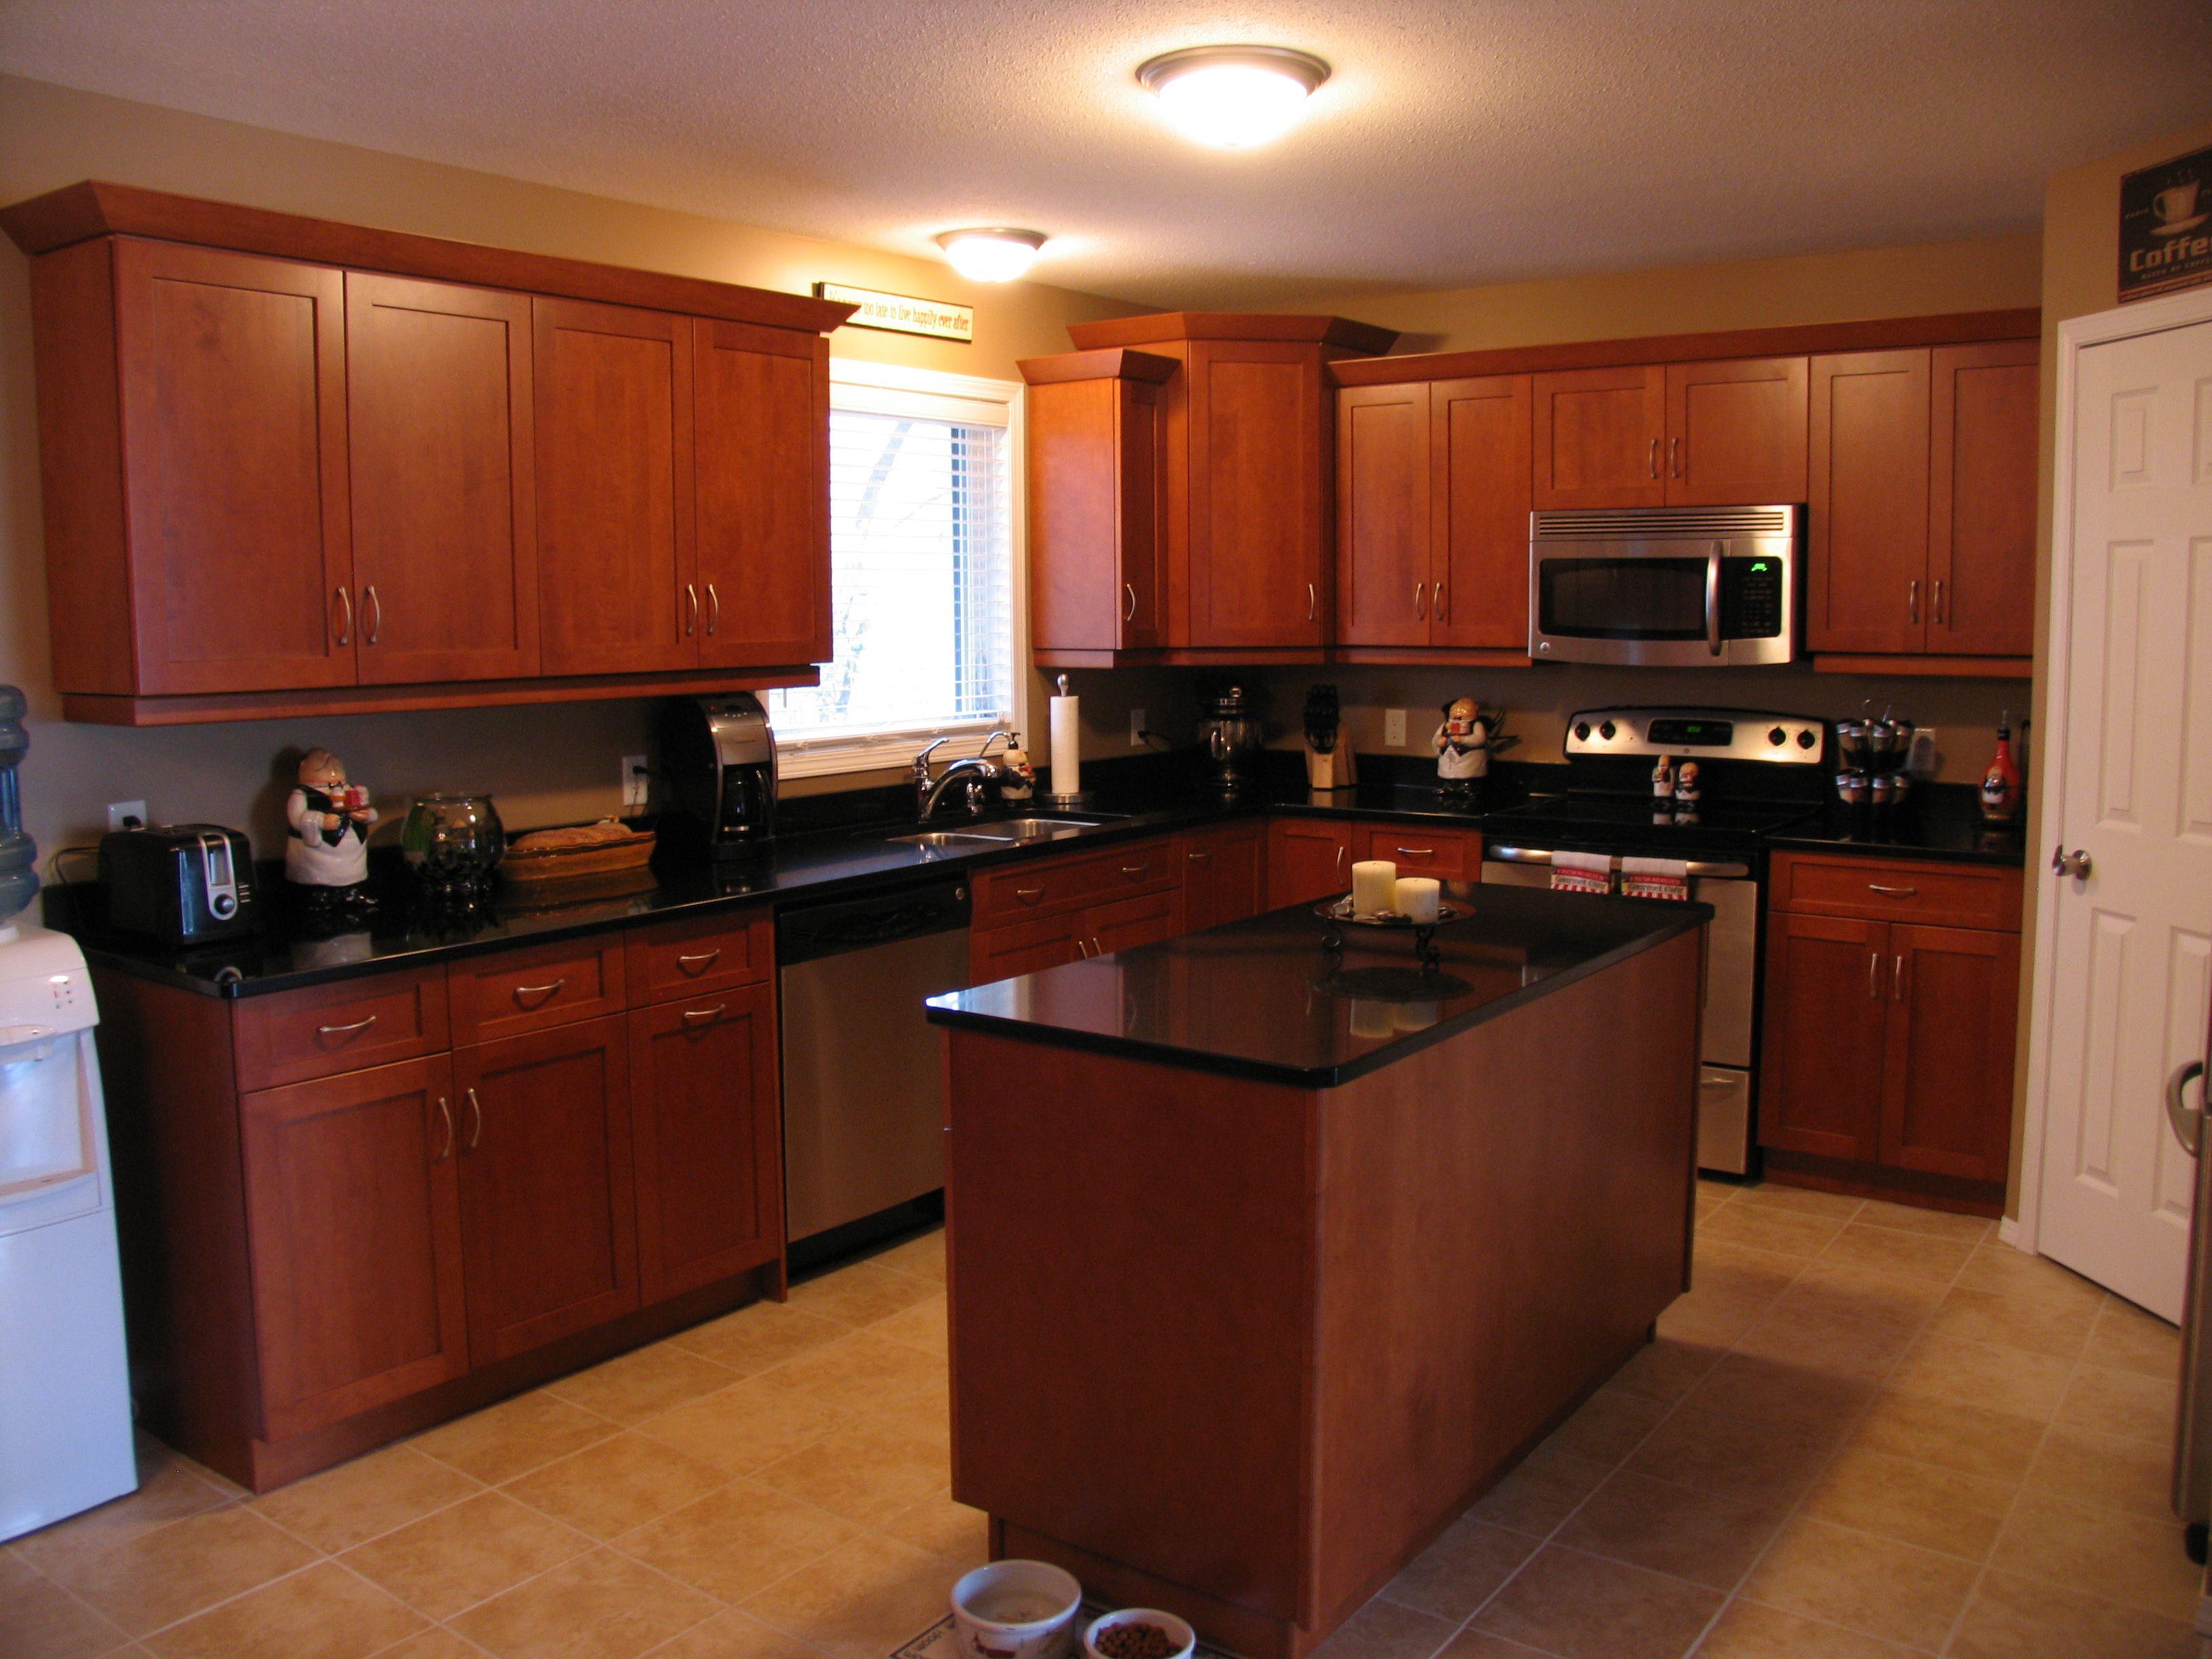 Cabinets: Maple - Honey Maple / Countertop: Cambria Quartz ... on Maple Kitchen Cabinets With Quartz Countertops  id=32605